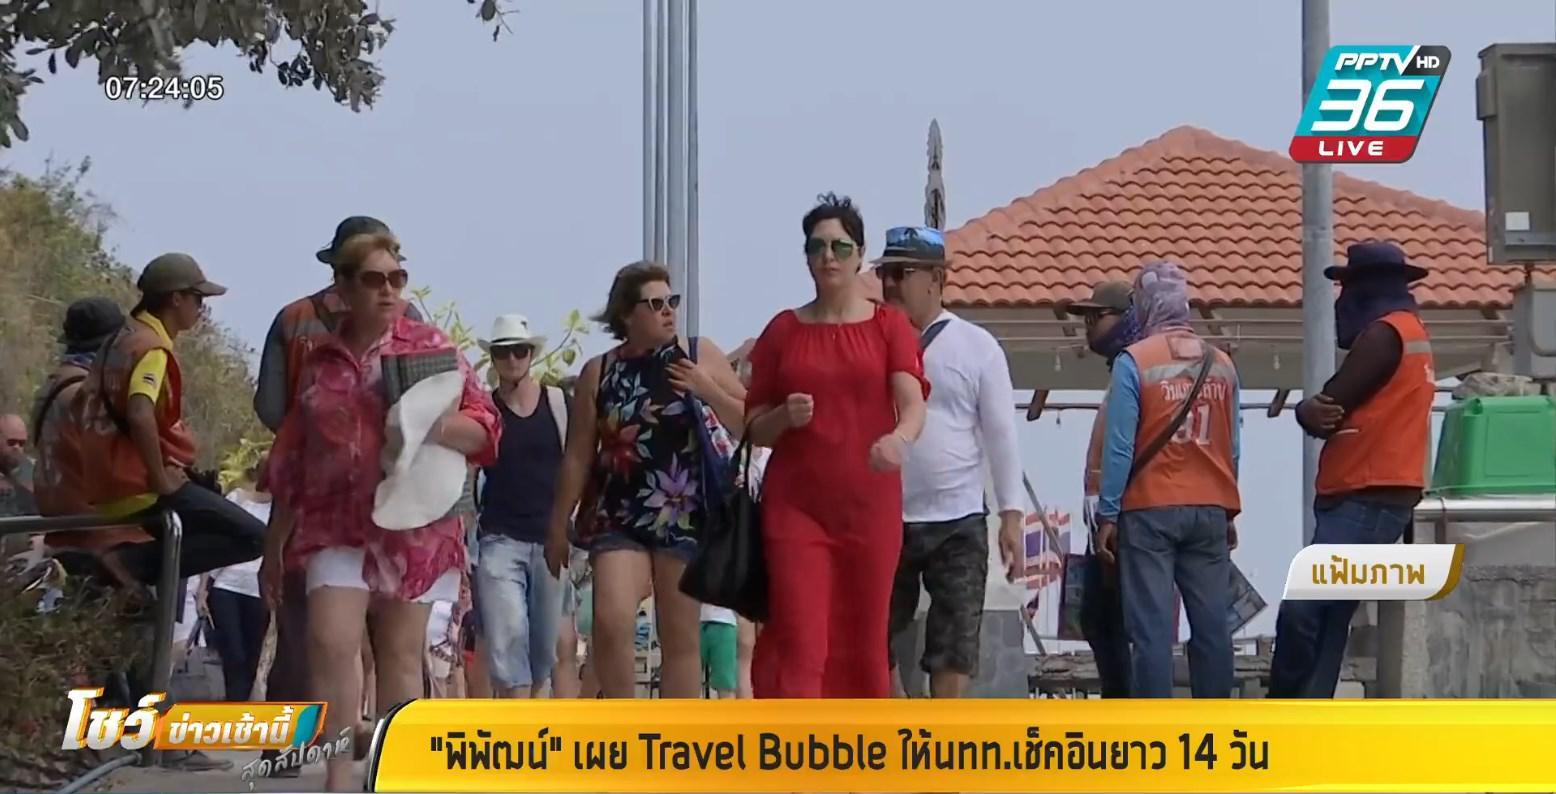 """""""พิพัฒน์"""" เตรียมชง Travel Bubble ให้นทท.เช็คอินพื้นที่แรก 14 วัน"""